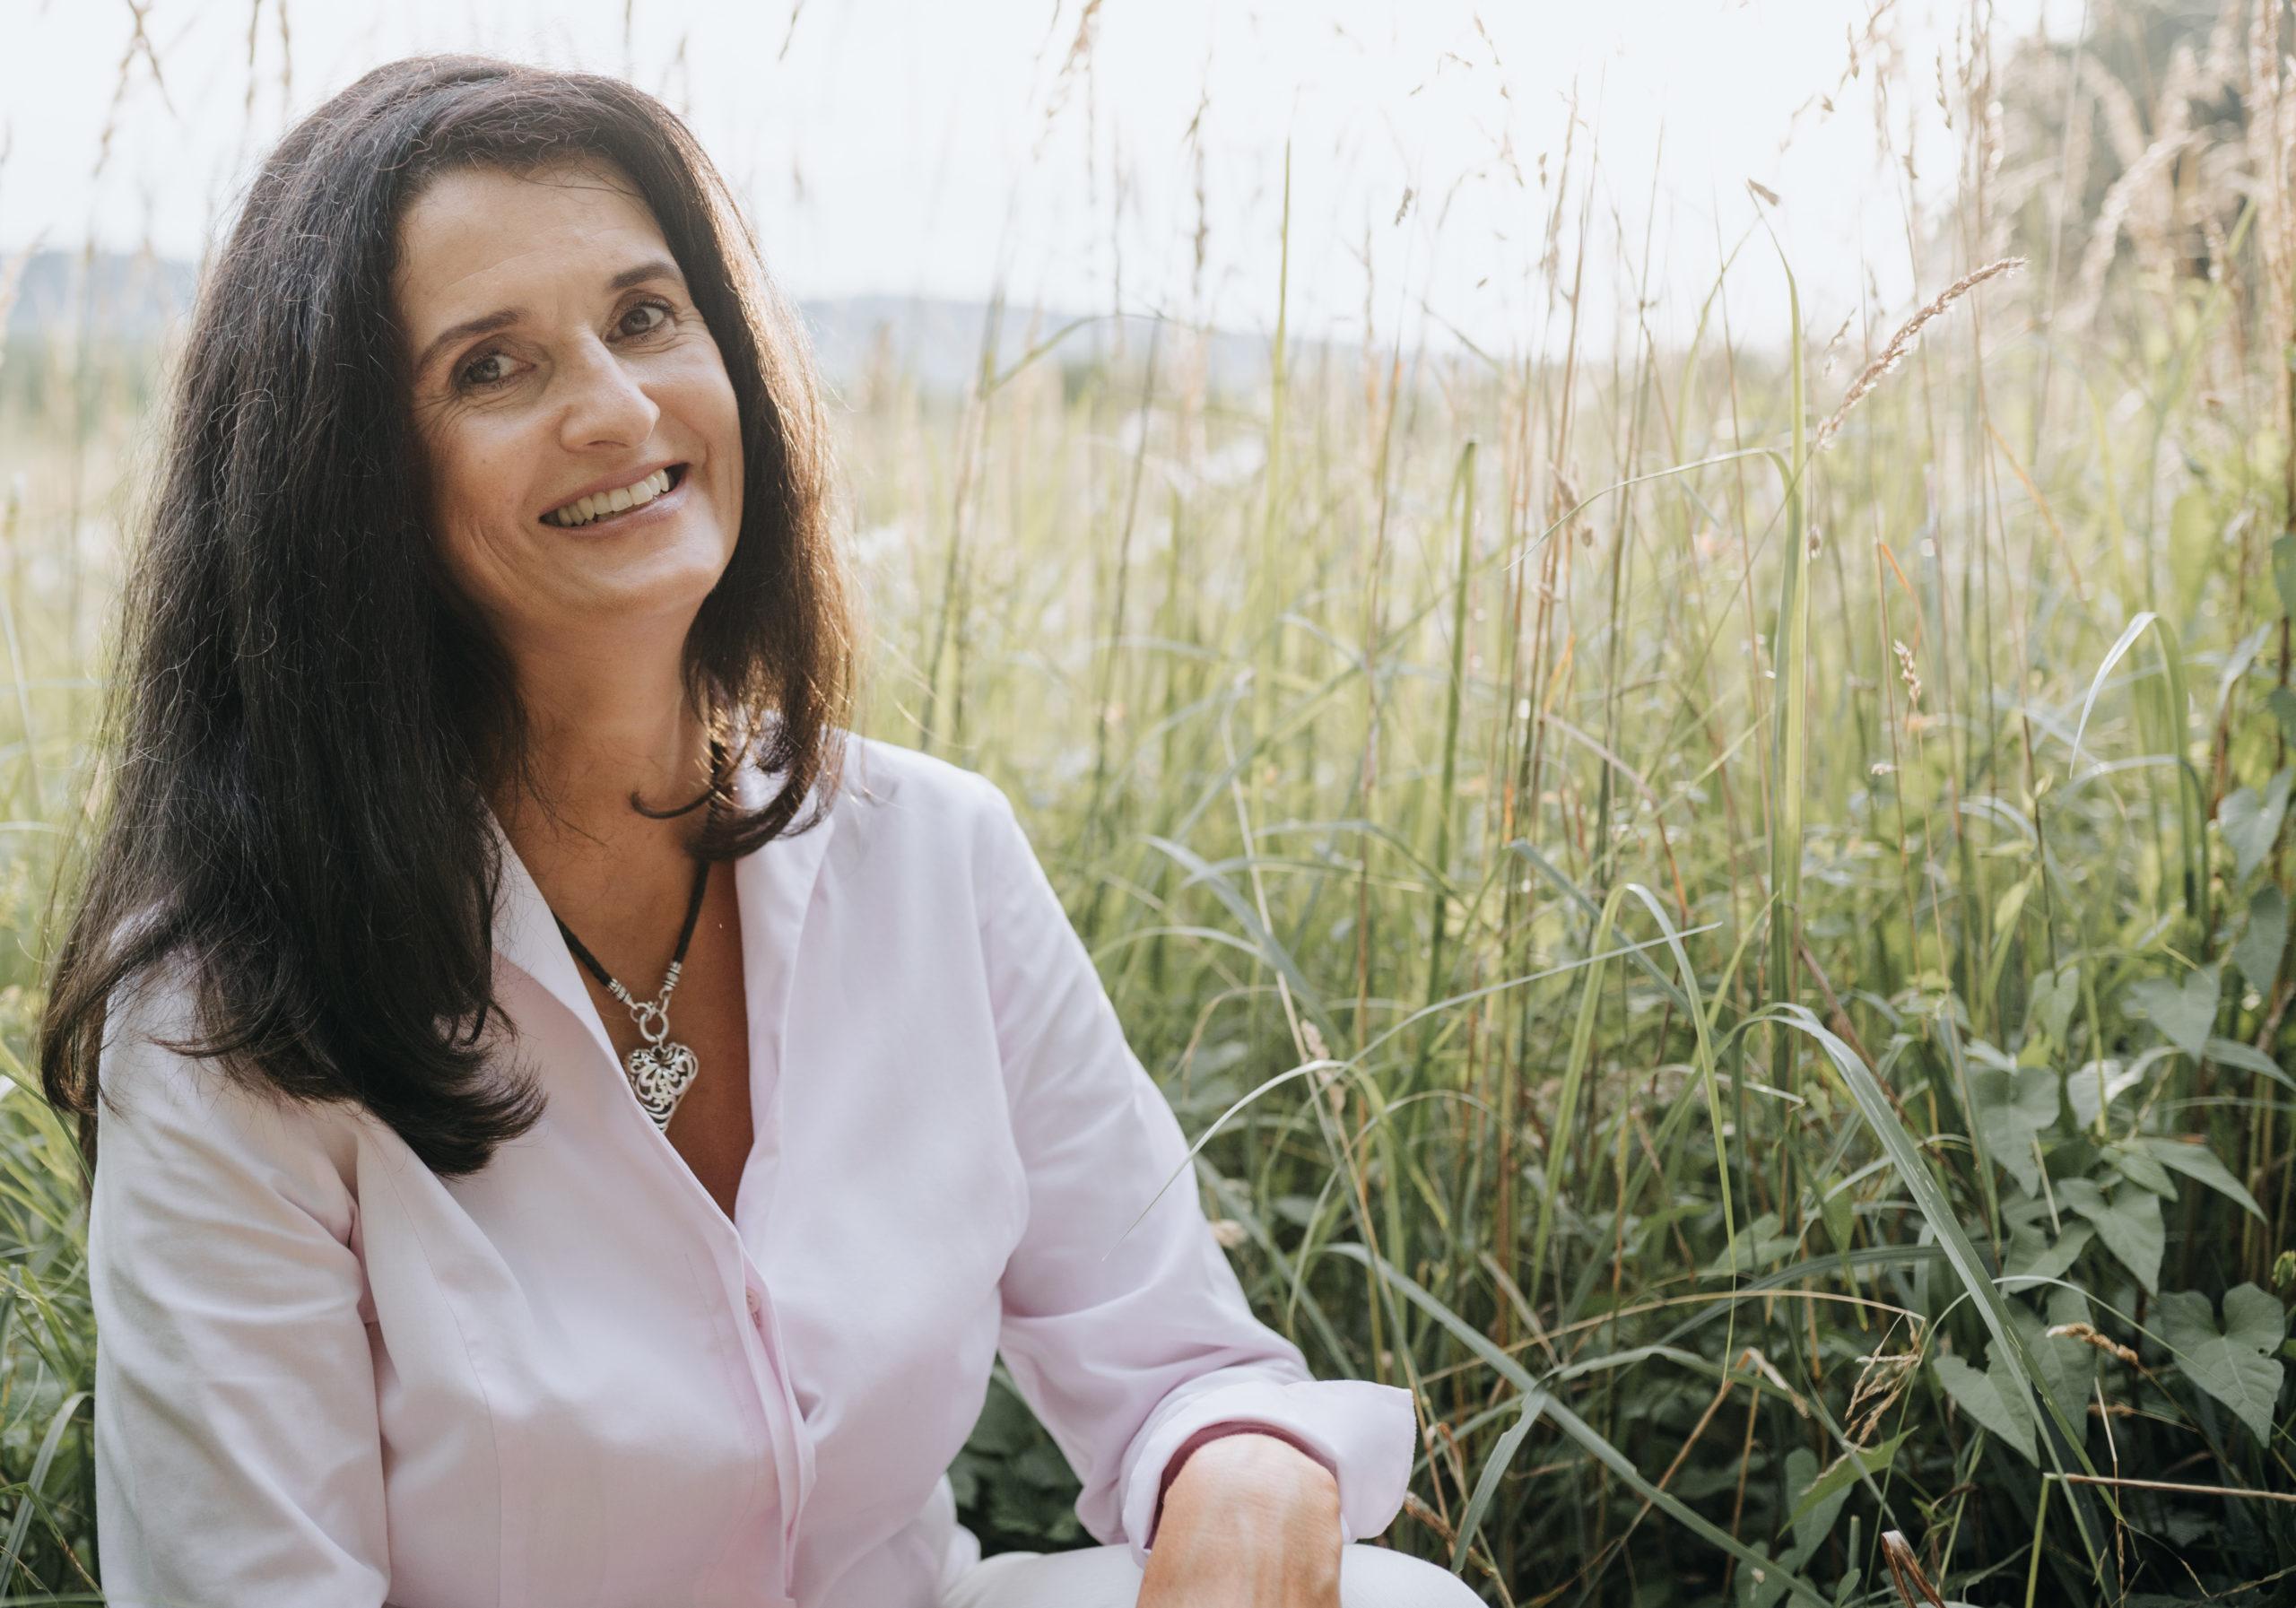 Isabelle Schumacher